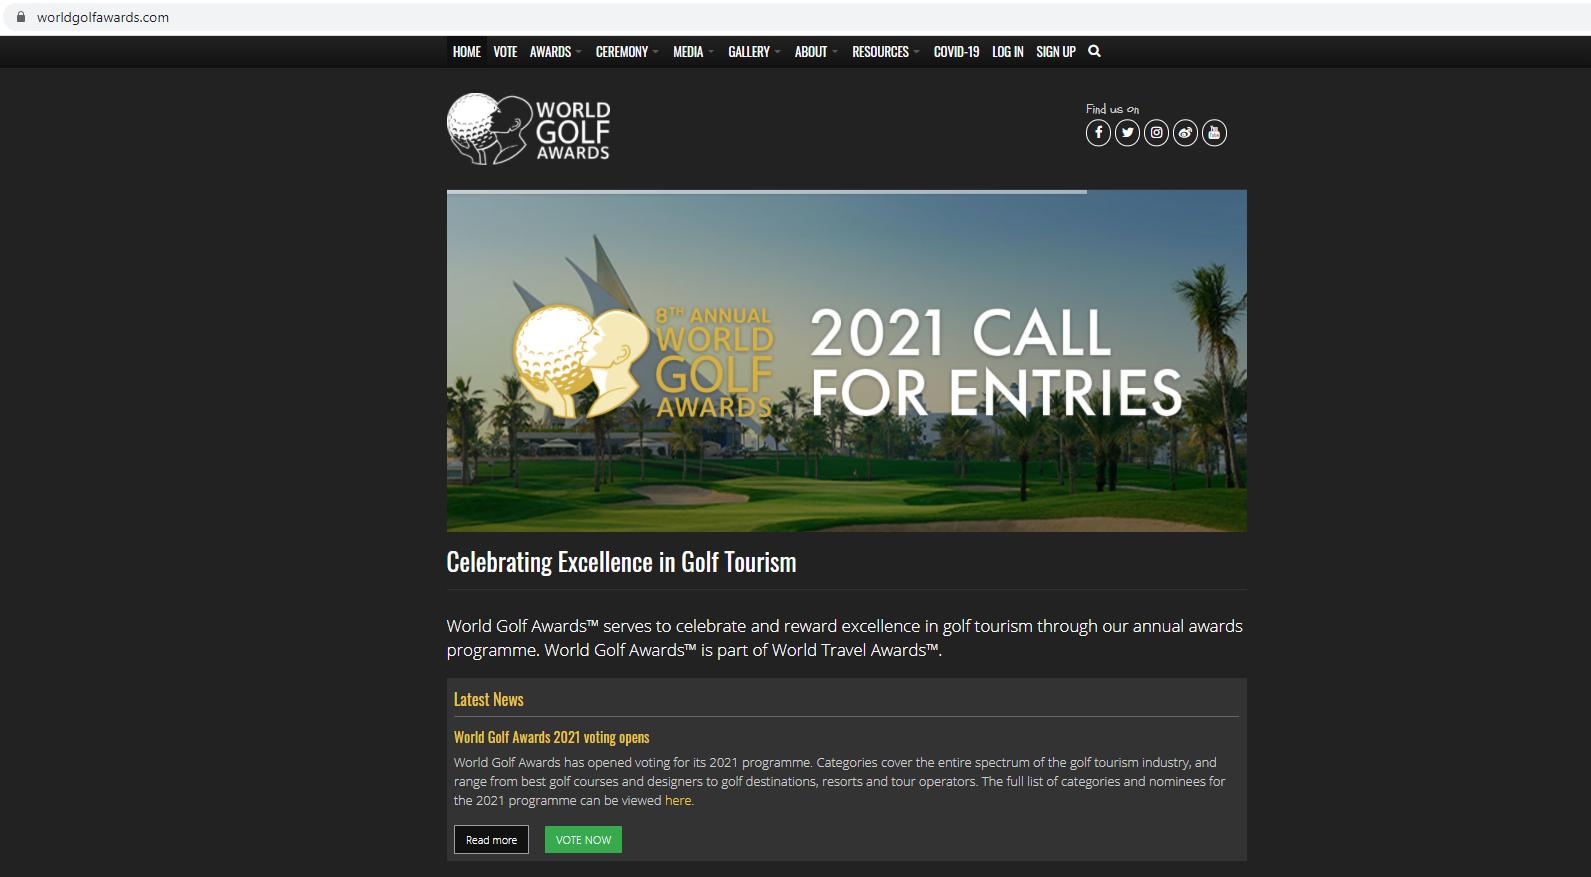 Cùng bình chọn cho Du lịch Việt Nam tại Giải thưởng Golf thế giới - World Golf Awards 2021